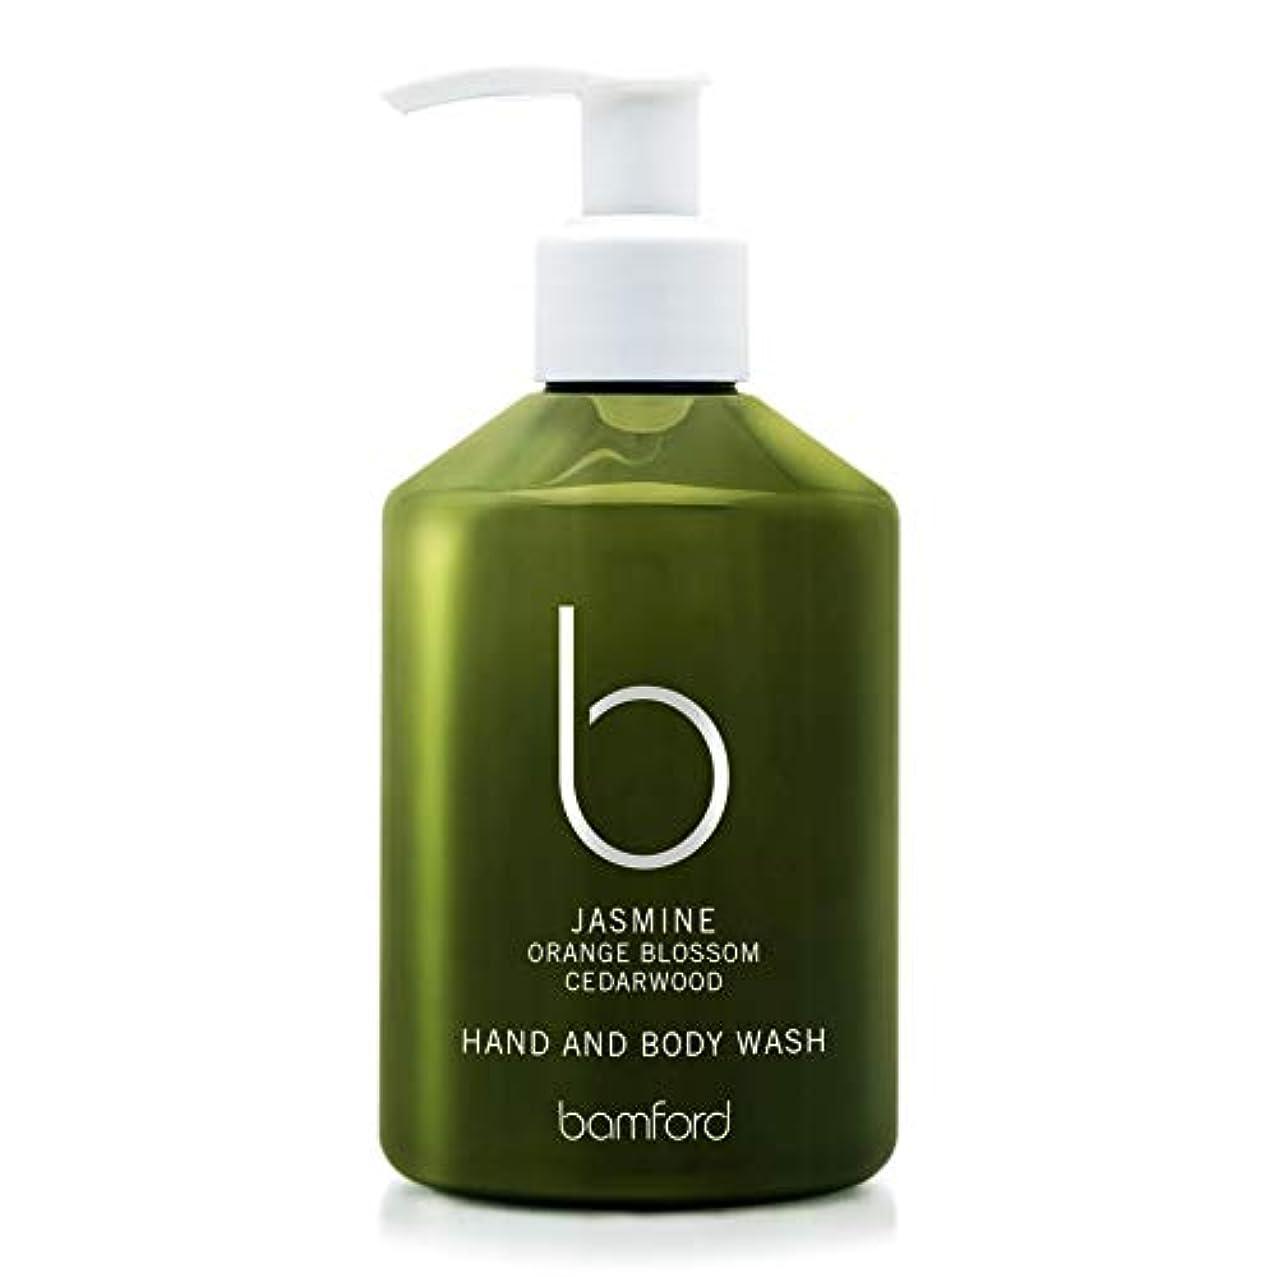 同時のれん驚[Bamford ] バンフォードジャスミンの手とボディウォッシュ250ミリリットル - Bamford Jasmine Hand and Body Wash 250ml [並行輸入品]